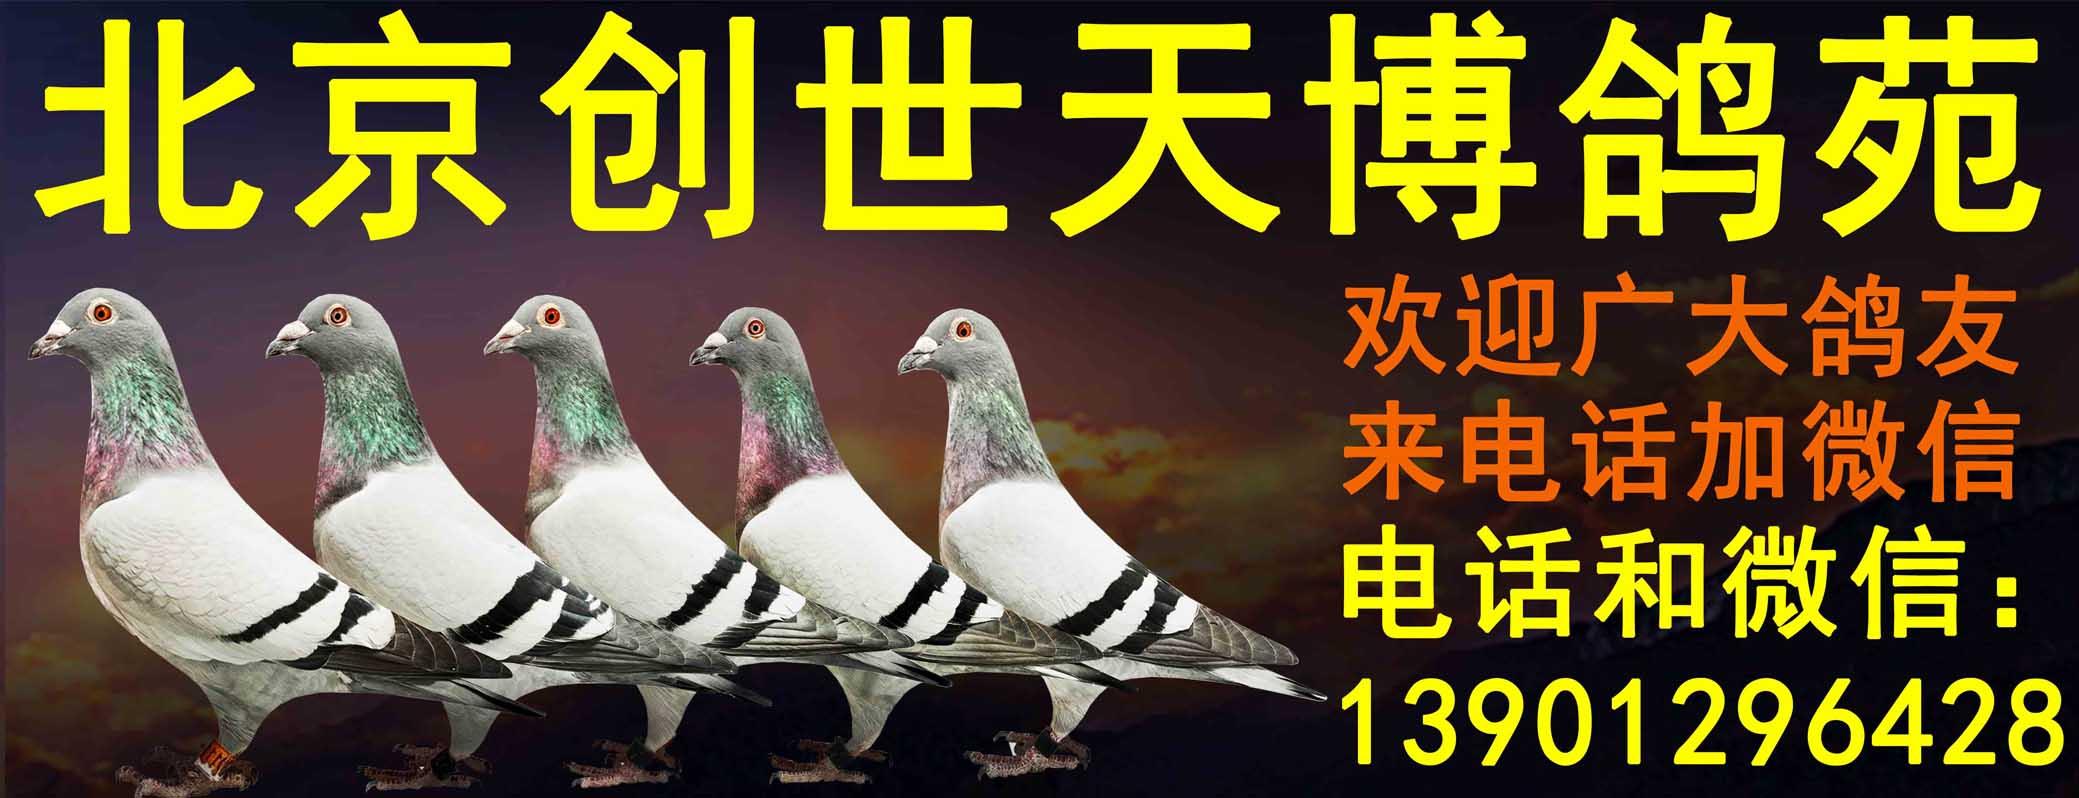 北京��世天博��苑